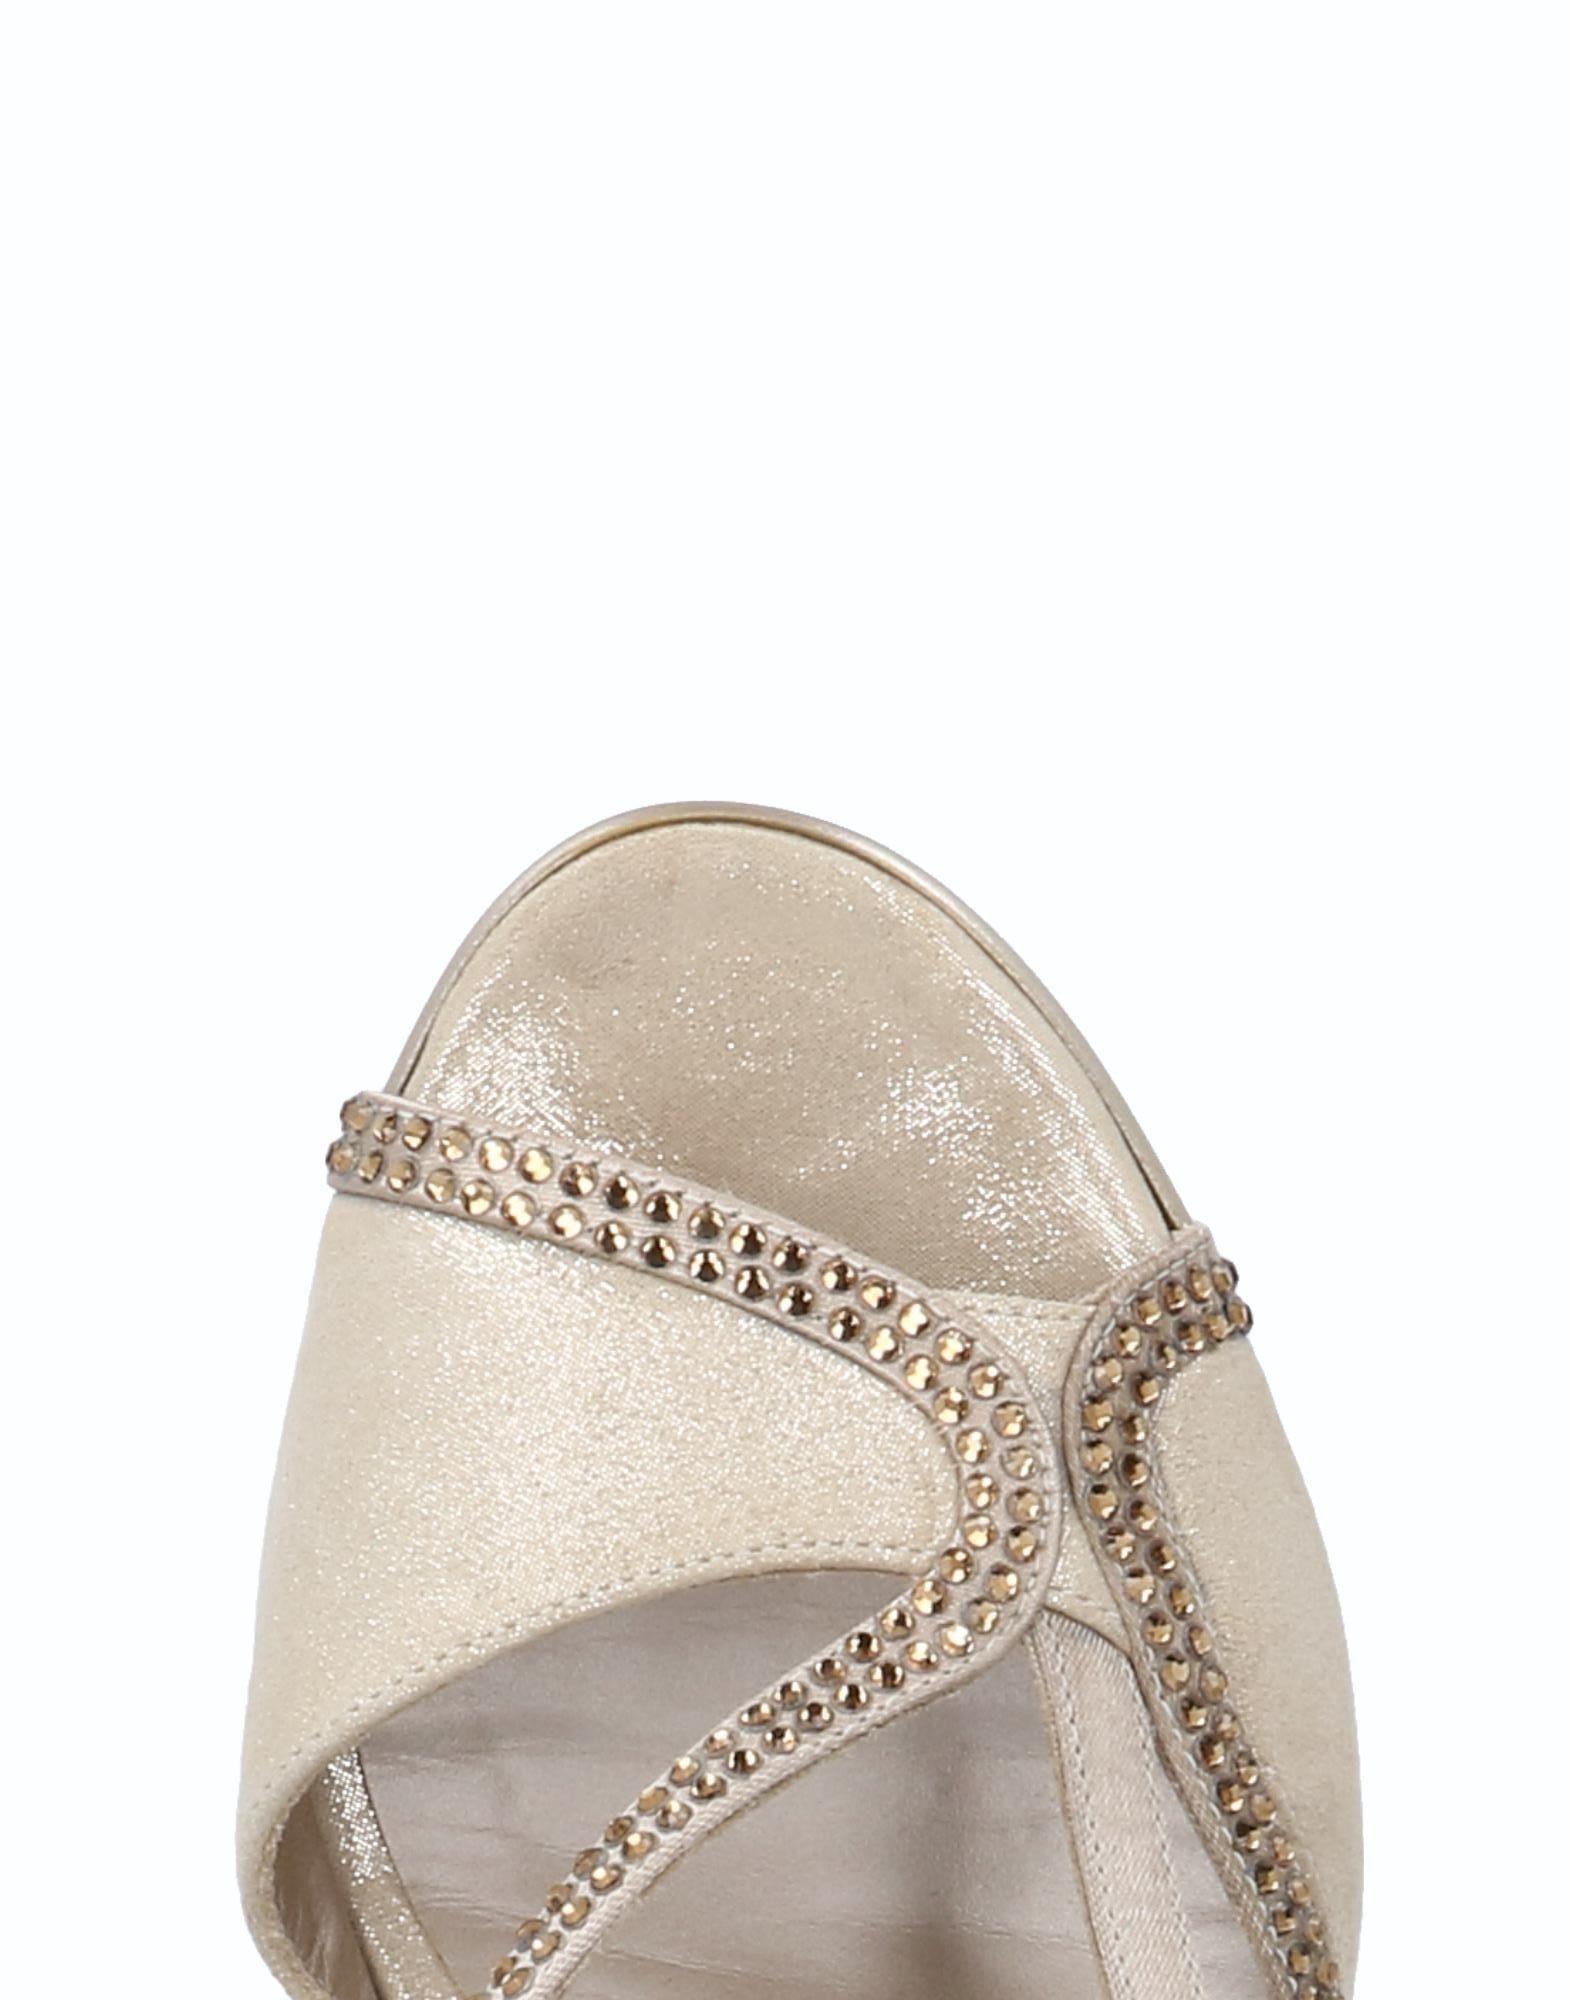 Melluso Gute Sandalen Damen  11500362NW Gute Melluso Qualität beliebte Schuhe 8a2dfd